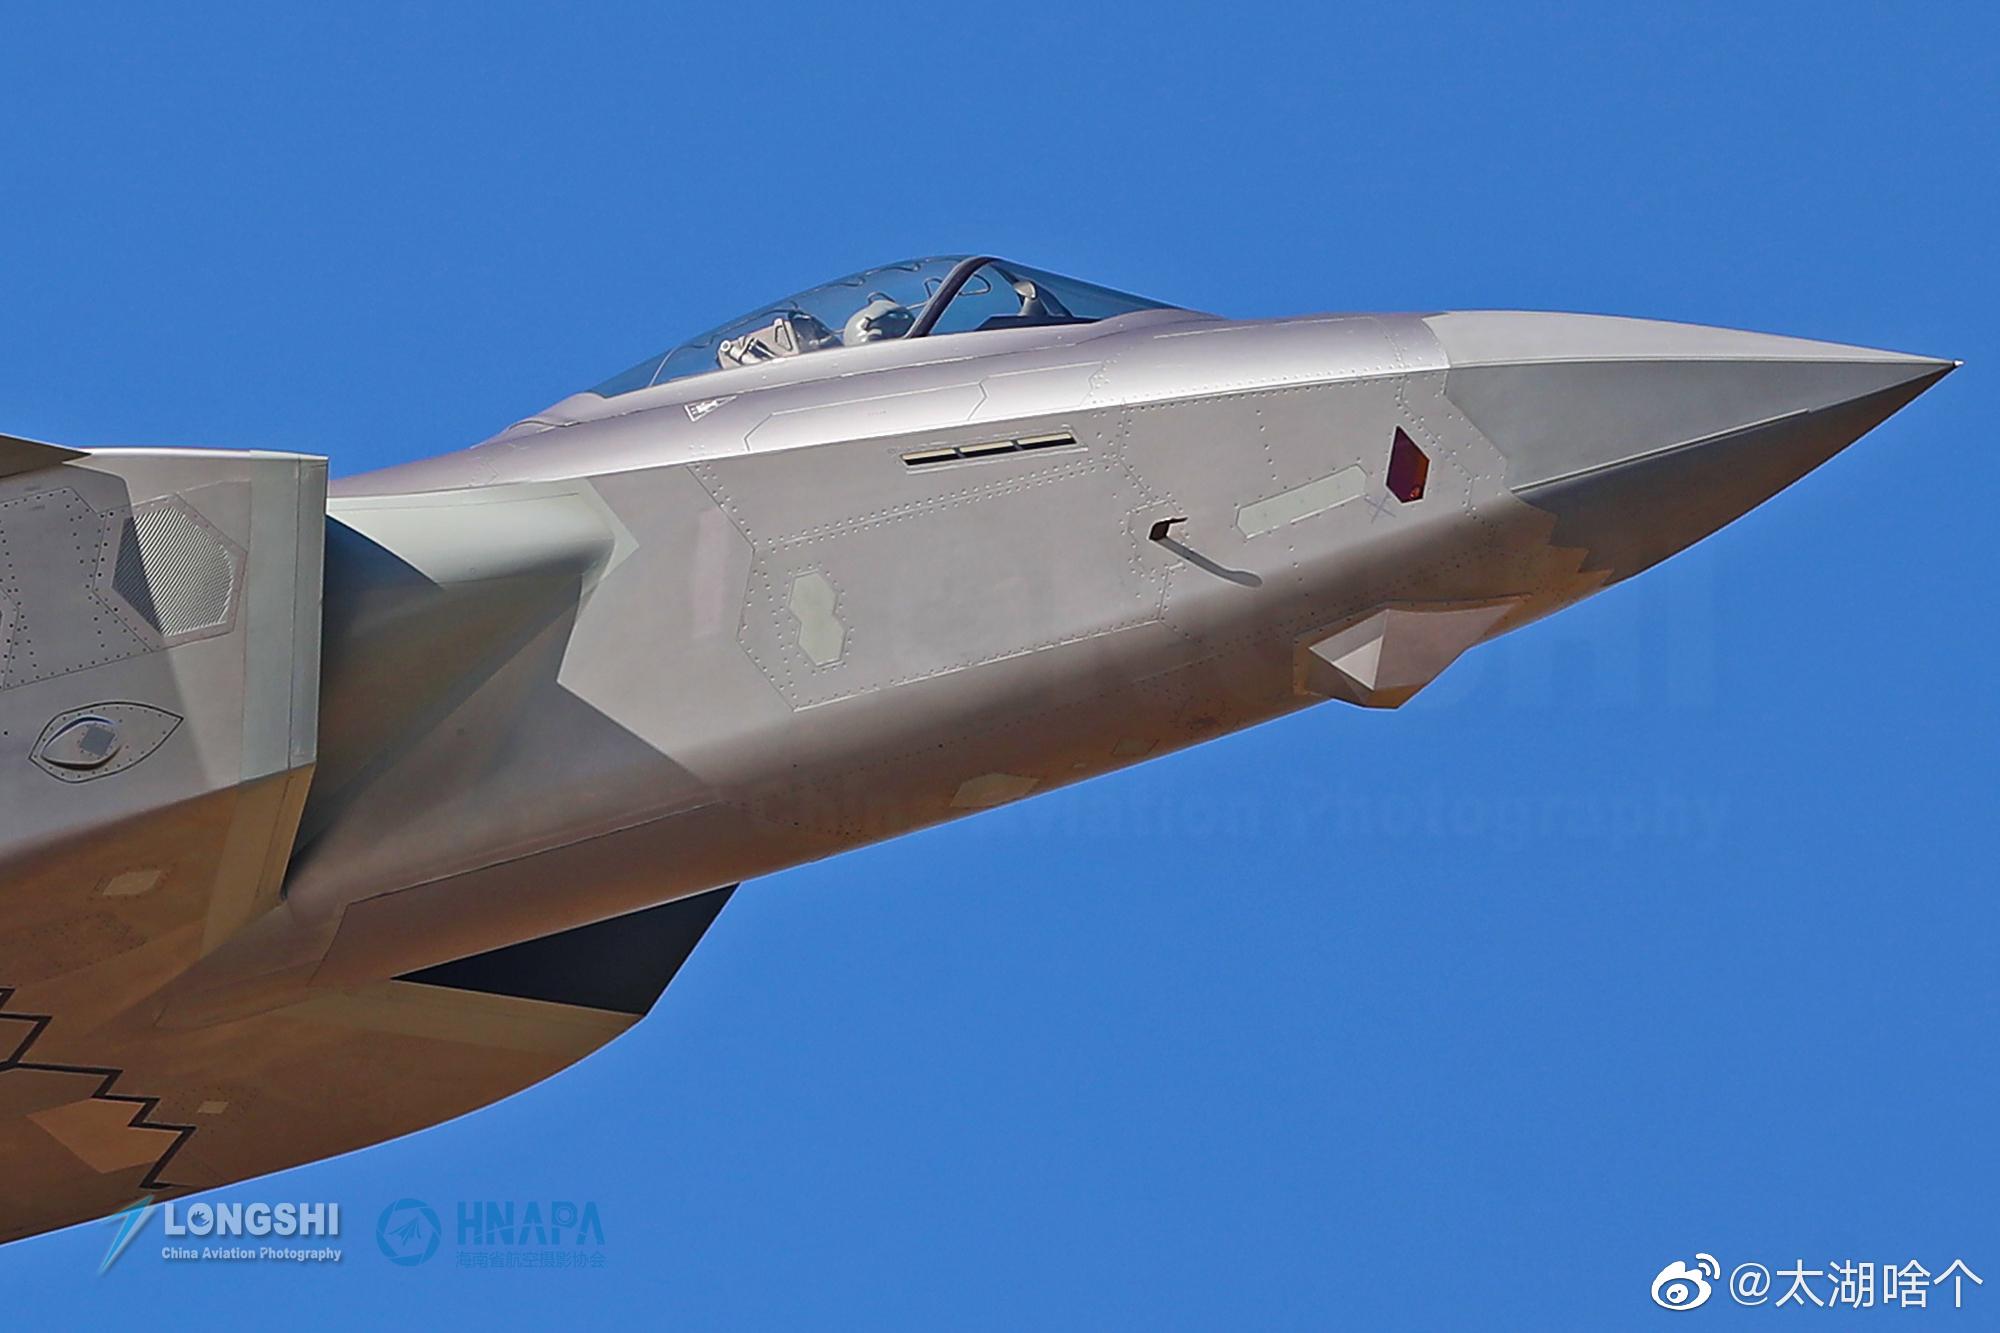 日本防卫省宣布三菱重工开始F-X战斗机的研制,从目前的资料看